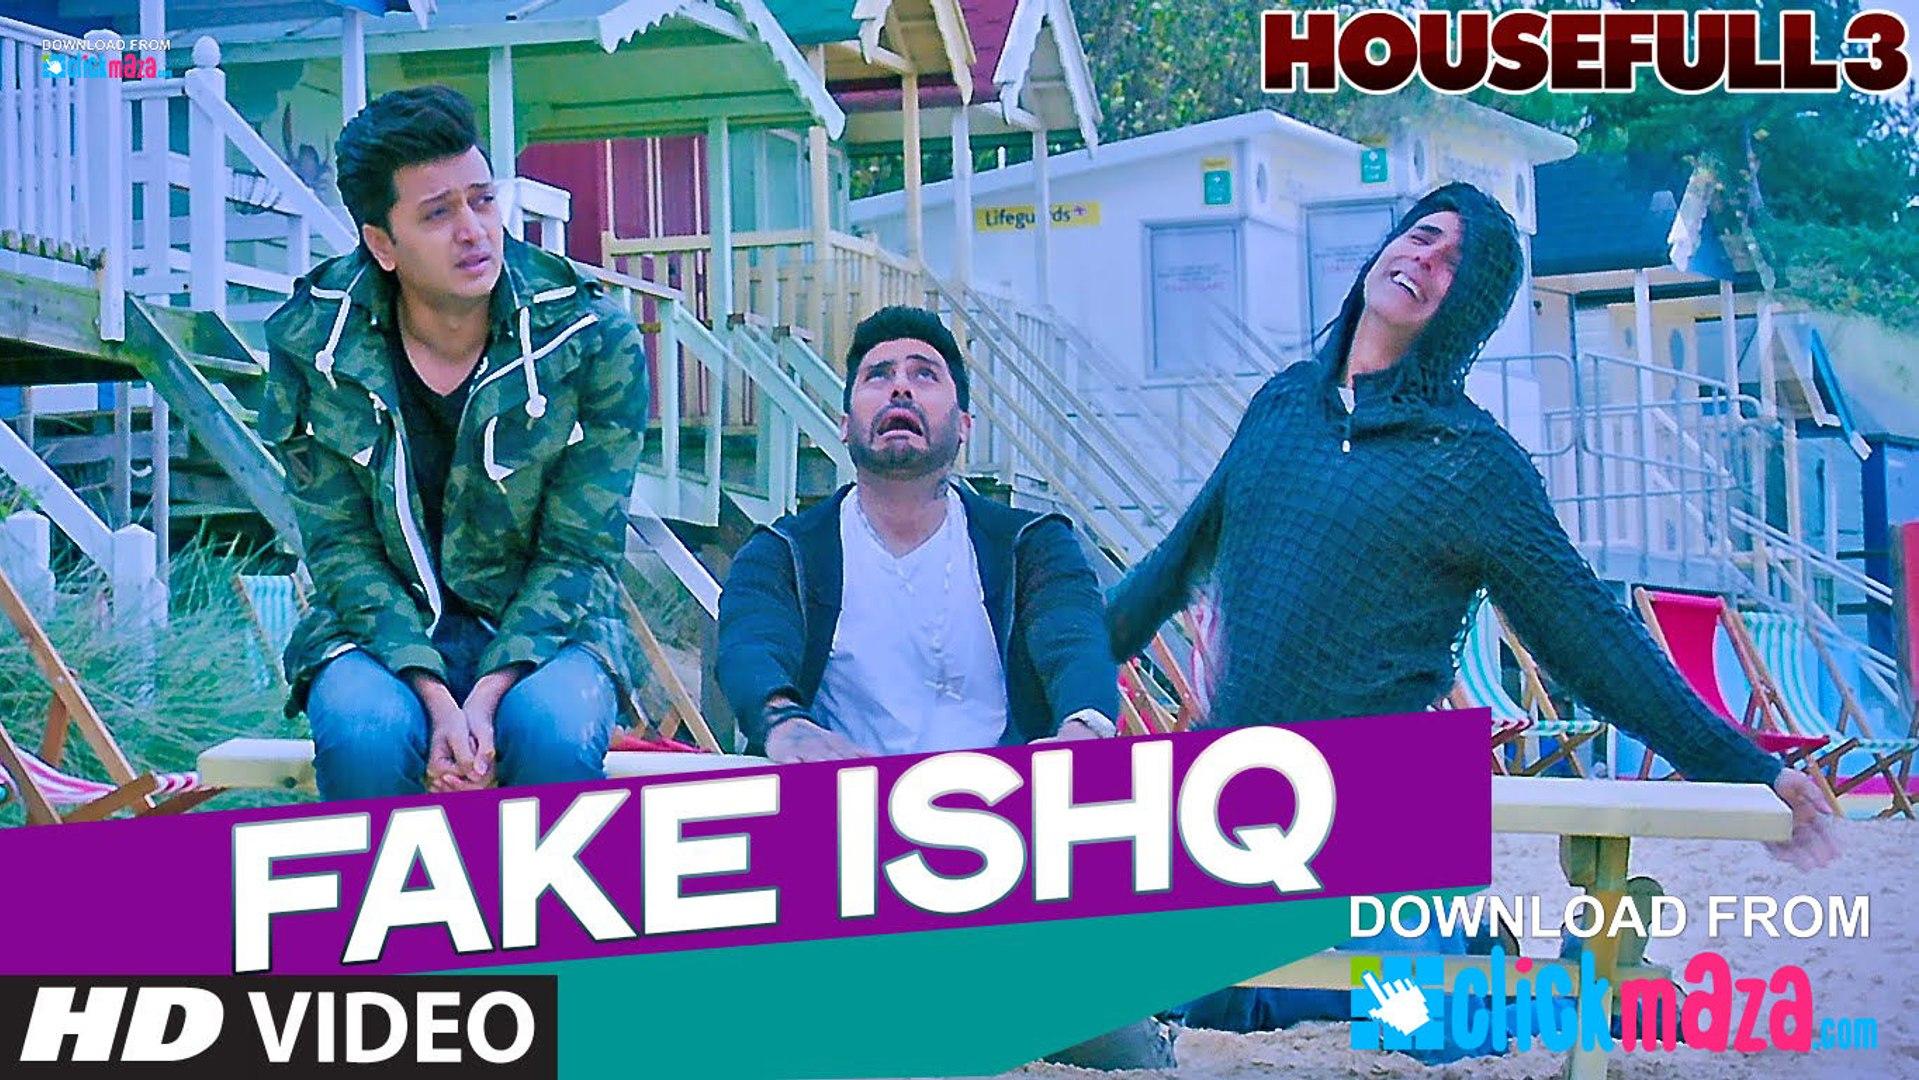 FAKE ISHQ - HD Video Song - HOUSEFULL 3 - Akshay Kumar, Abhishek Bachchan,  Riteish Deshmukh - 2016